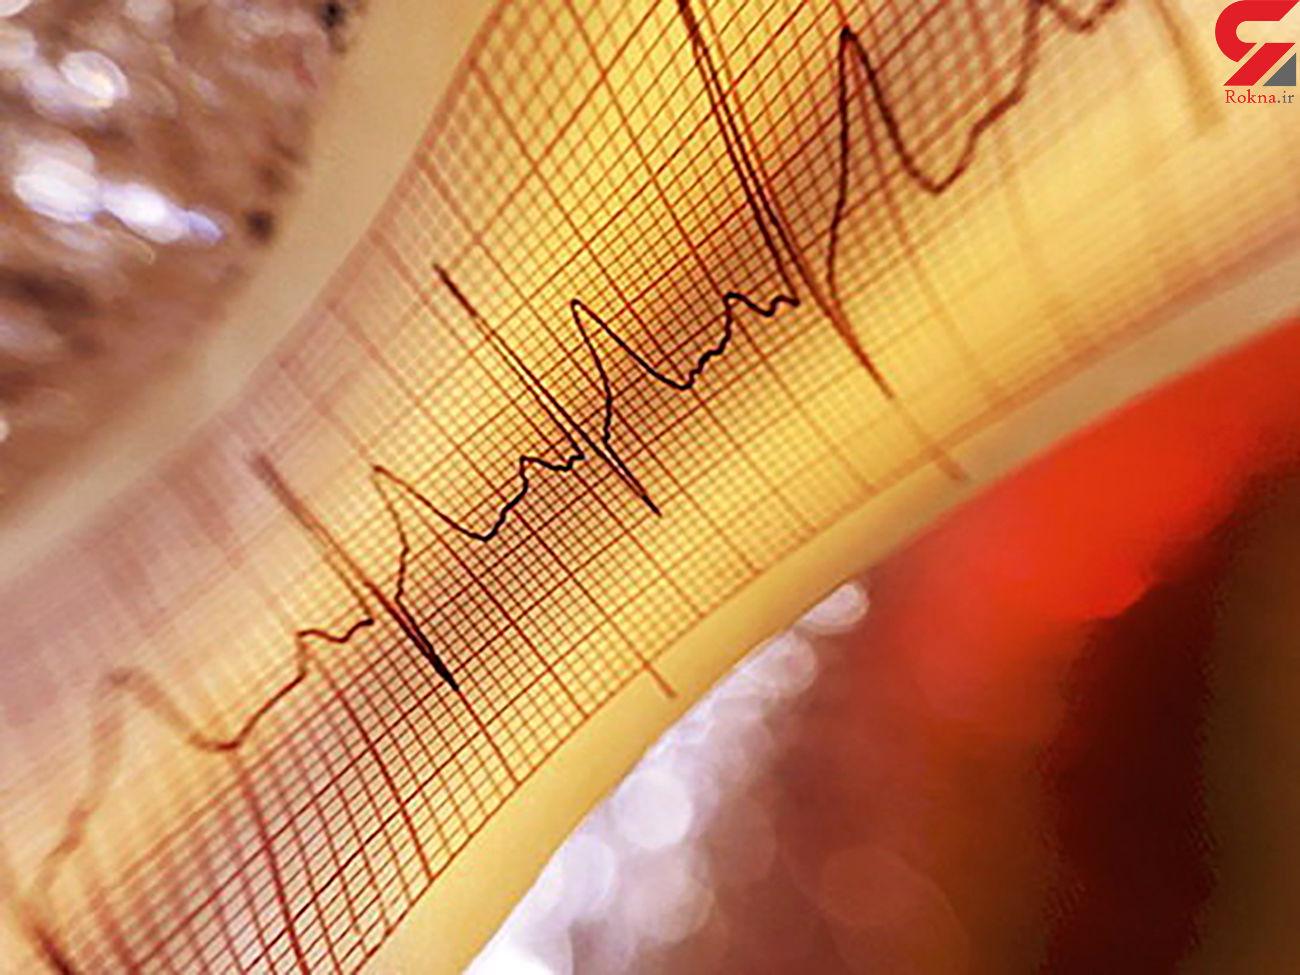 مرگهای ناشی از بیماریهای قلبی رکورد کرونا را می زند